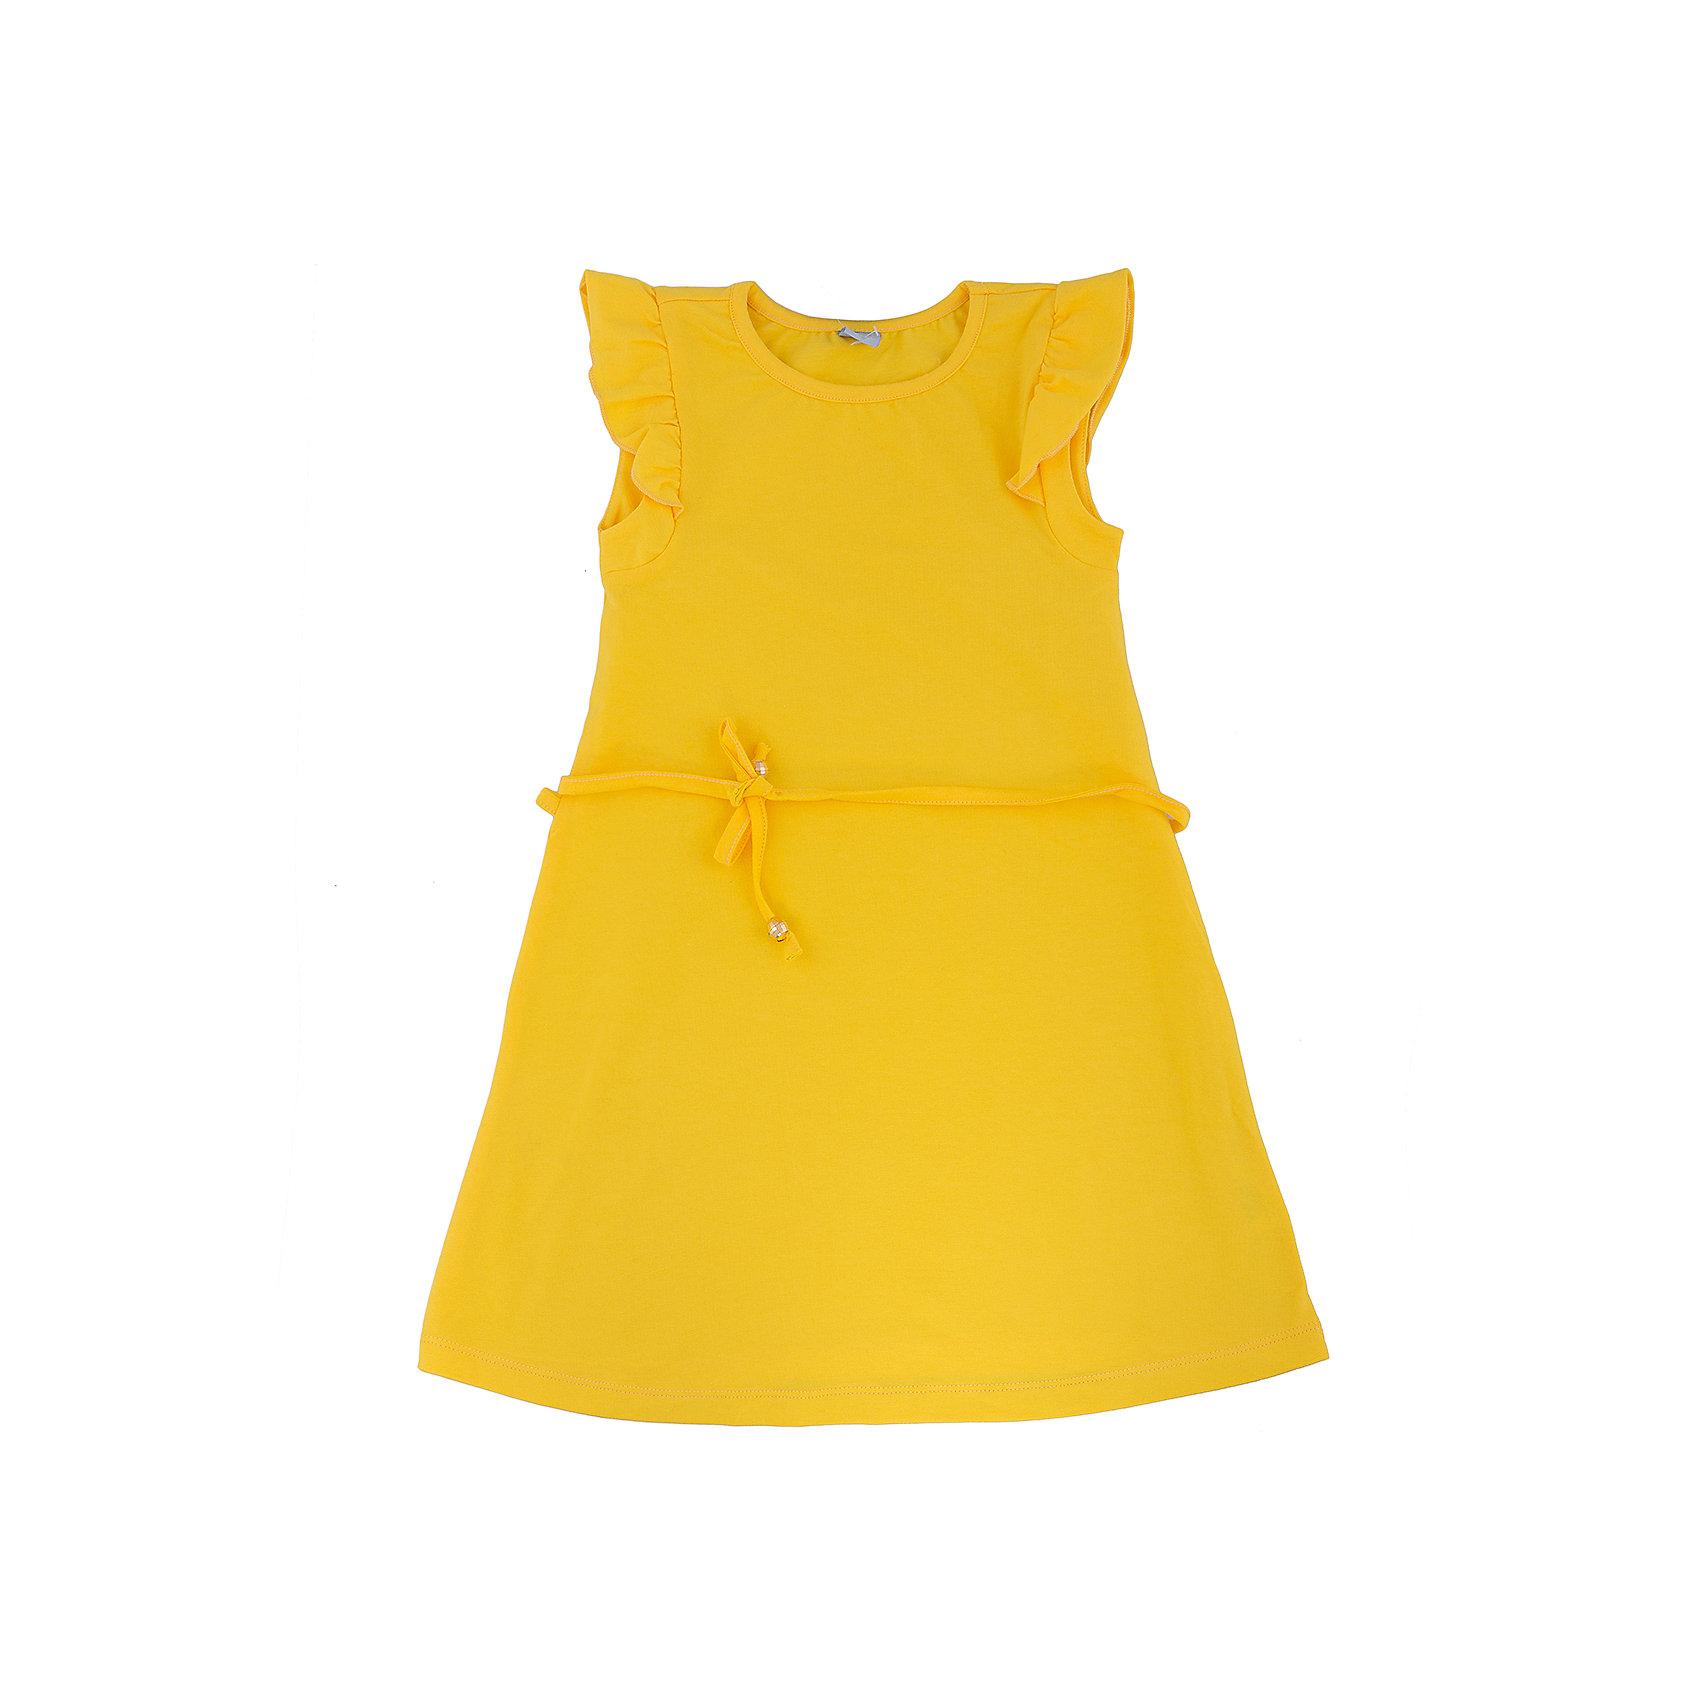 Платье для девочки DAUBERПлатья и сарафаны<br>Платье для девочки с коротким рукавом из высококачественного хлопка с  лайкрой.  Состав:95%хлопок 5%лайкра<br><br>Ширина мм: 236<br>Глубина мм: 16<br>Высота мм: 184<br>Вес г: 177<br>Цвет: желтый<br>Возраст от месяцев: 156<br>Возраст до месяцев: 168<br>Пол: Женский<br>Возраст: Детский<br>Размер: 164,140,122,128,134,158,152,146<br>SKU: 4631040